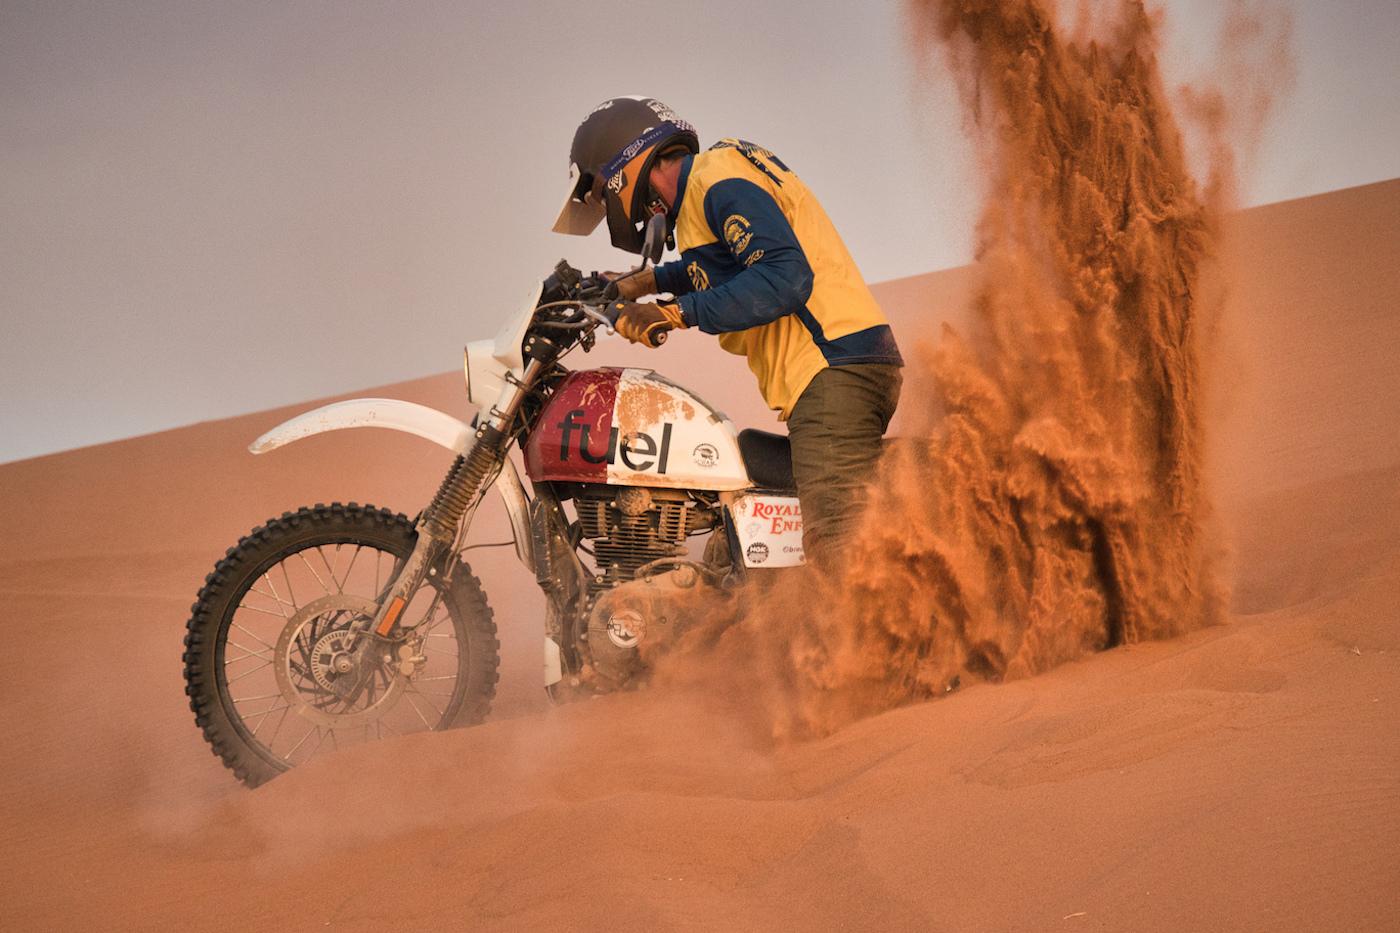 ROYAL ENFIELD HIMALAYAN 'RALLY 400' SCRAM AFRICA - Sand Burnout